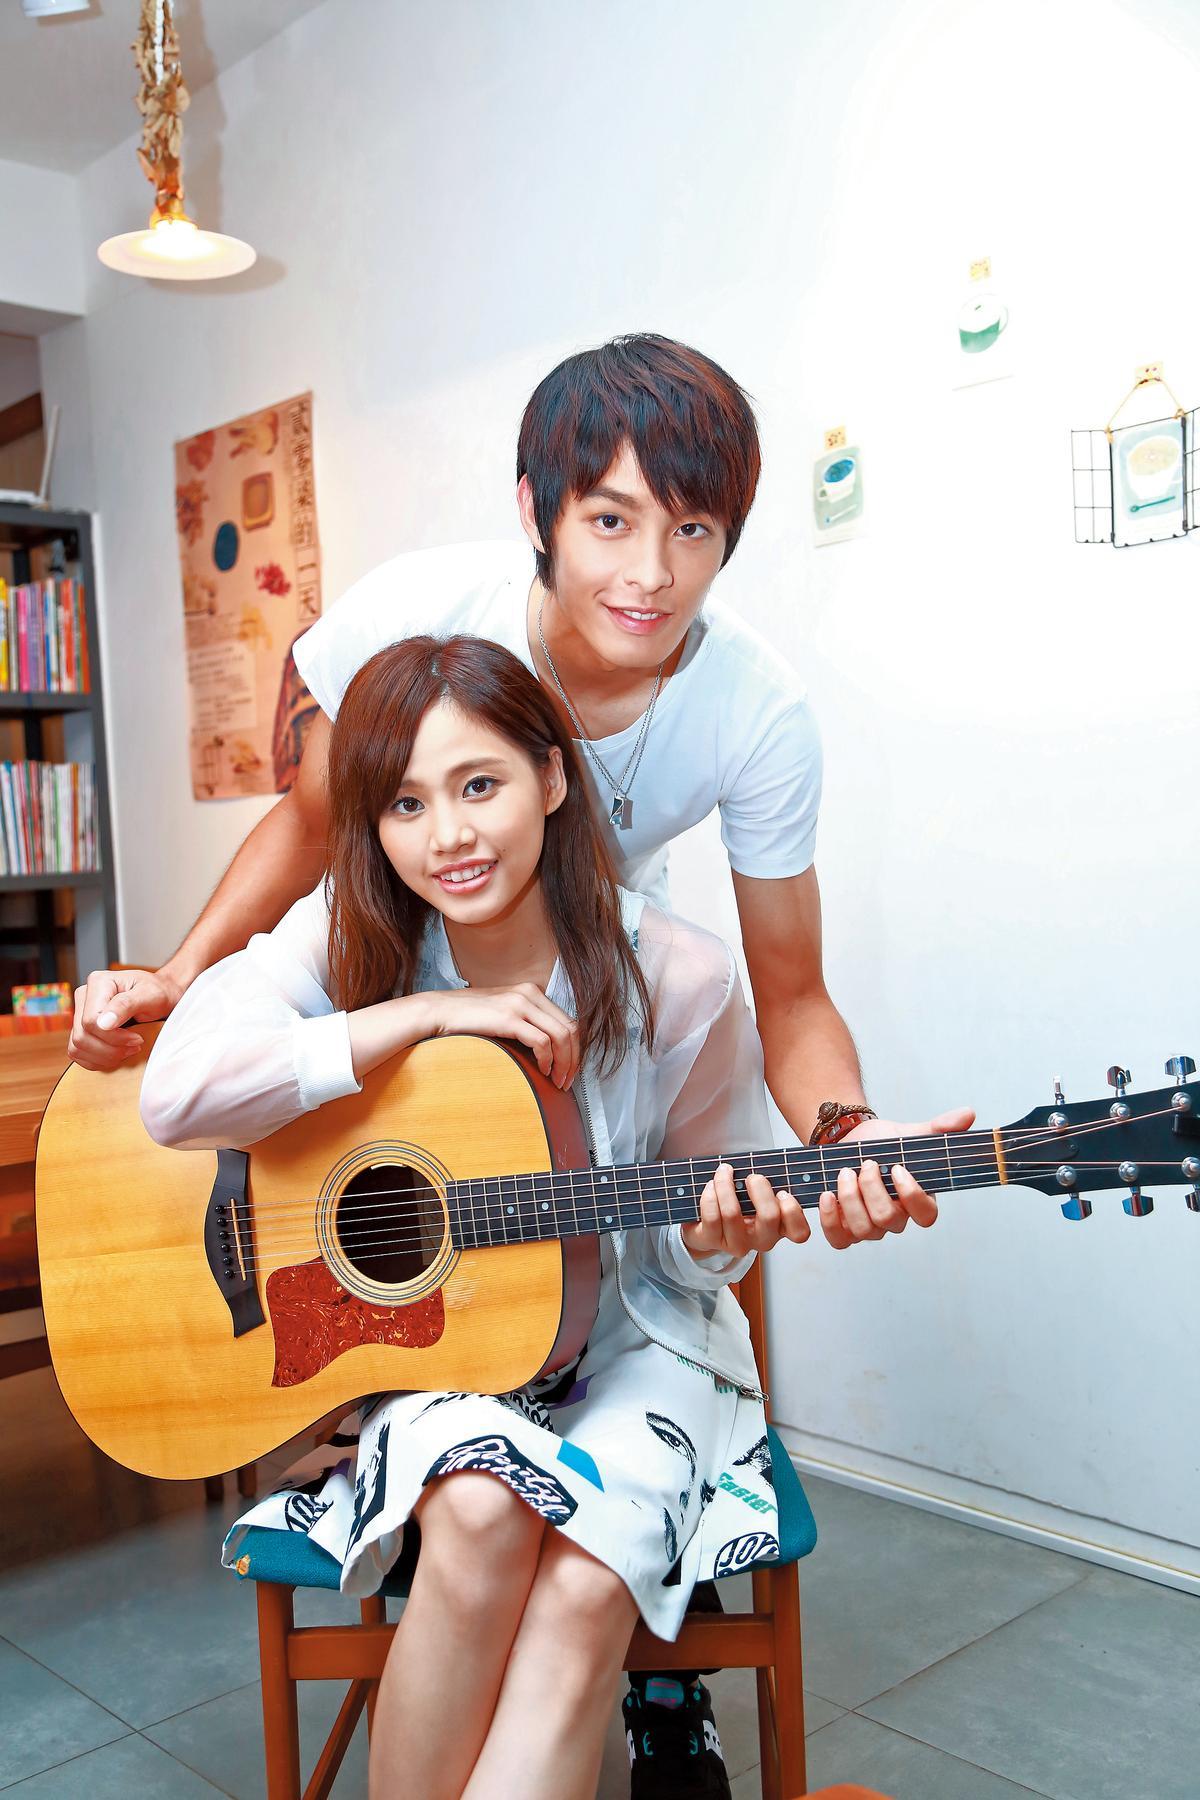 曹佑寧曾在吳汶芳歌曲〈不讀不回〉MV中擔任男主角。(東方IC)